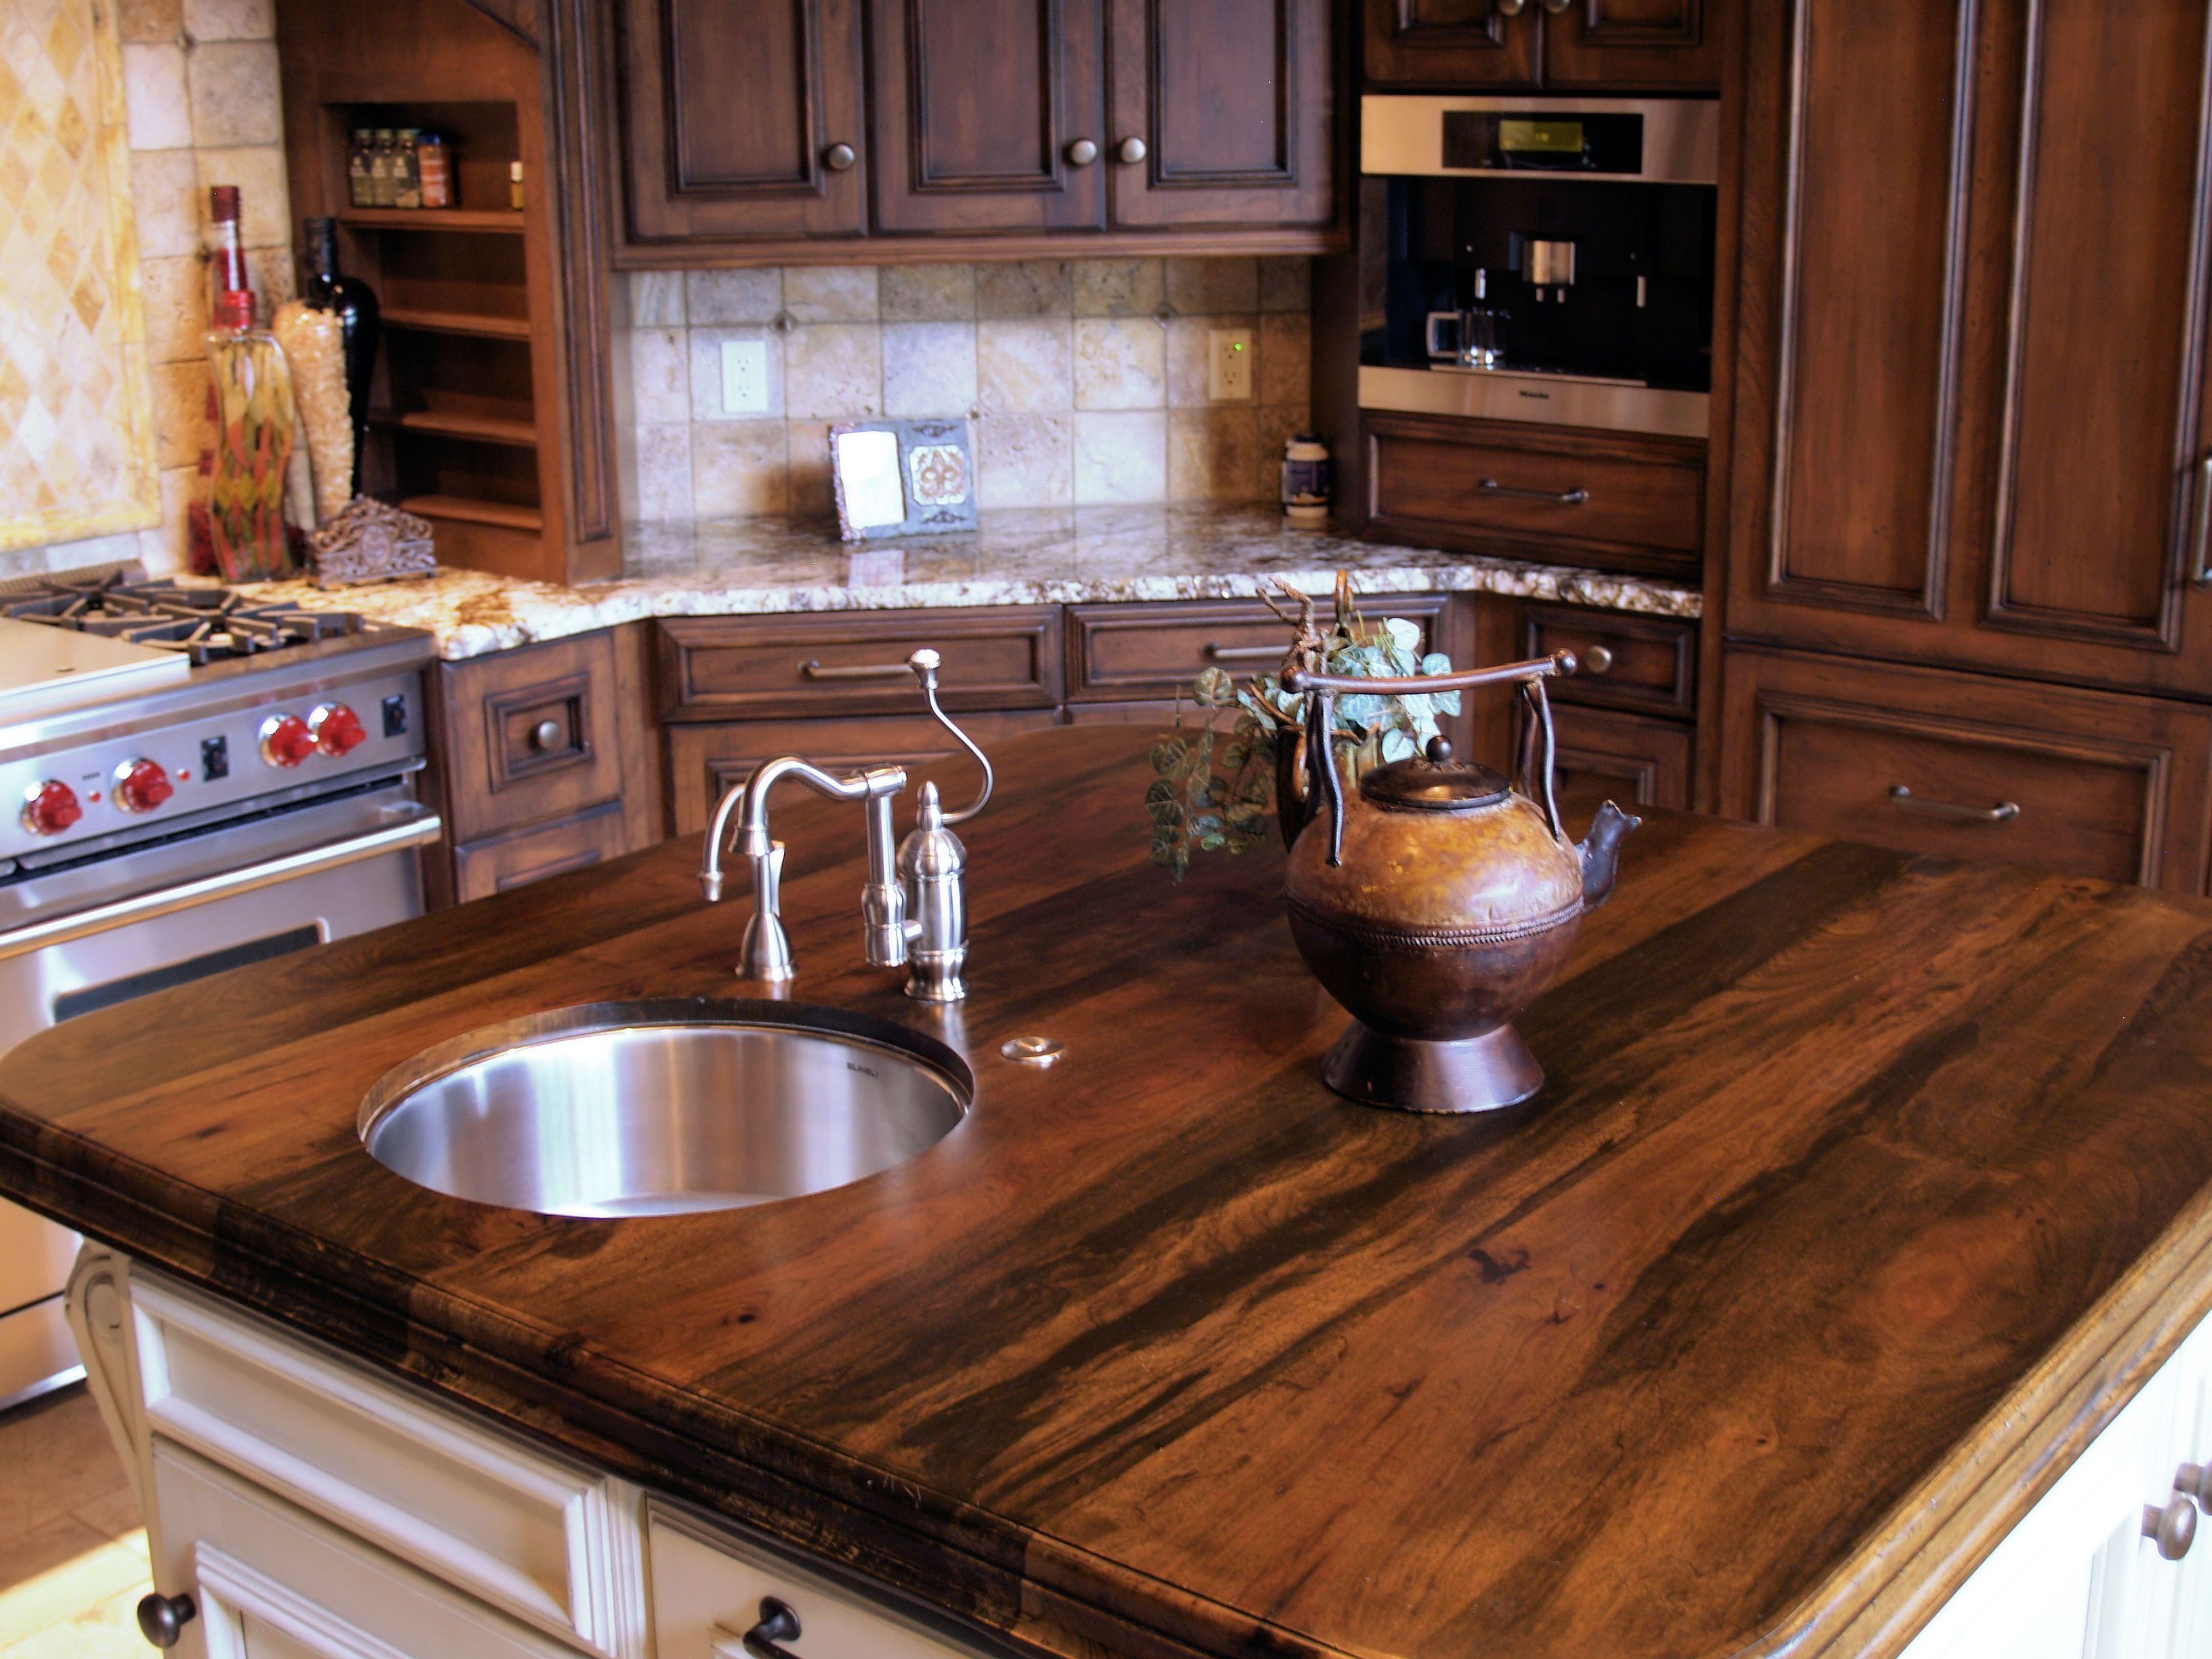 Деревянные кухонные столешницы. Кухонные острова с поверхностью из темного дерева - фото 1